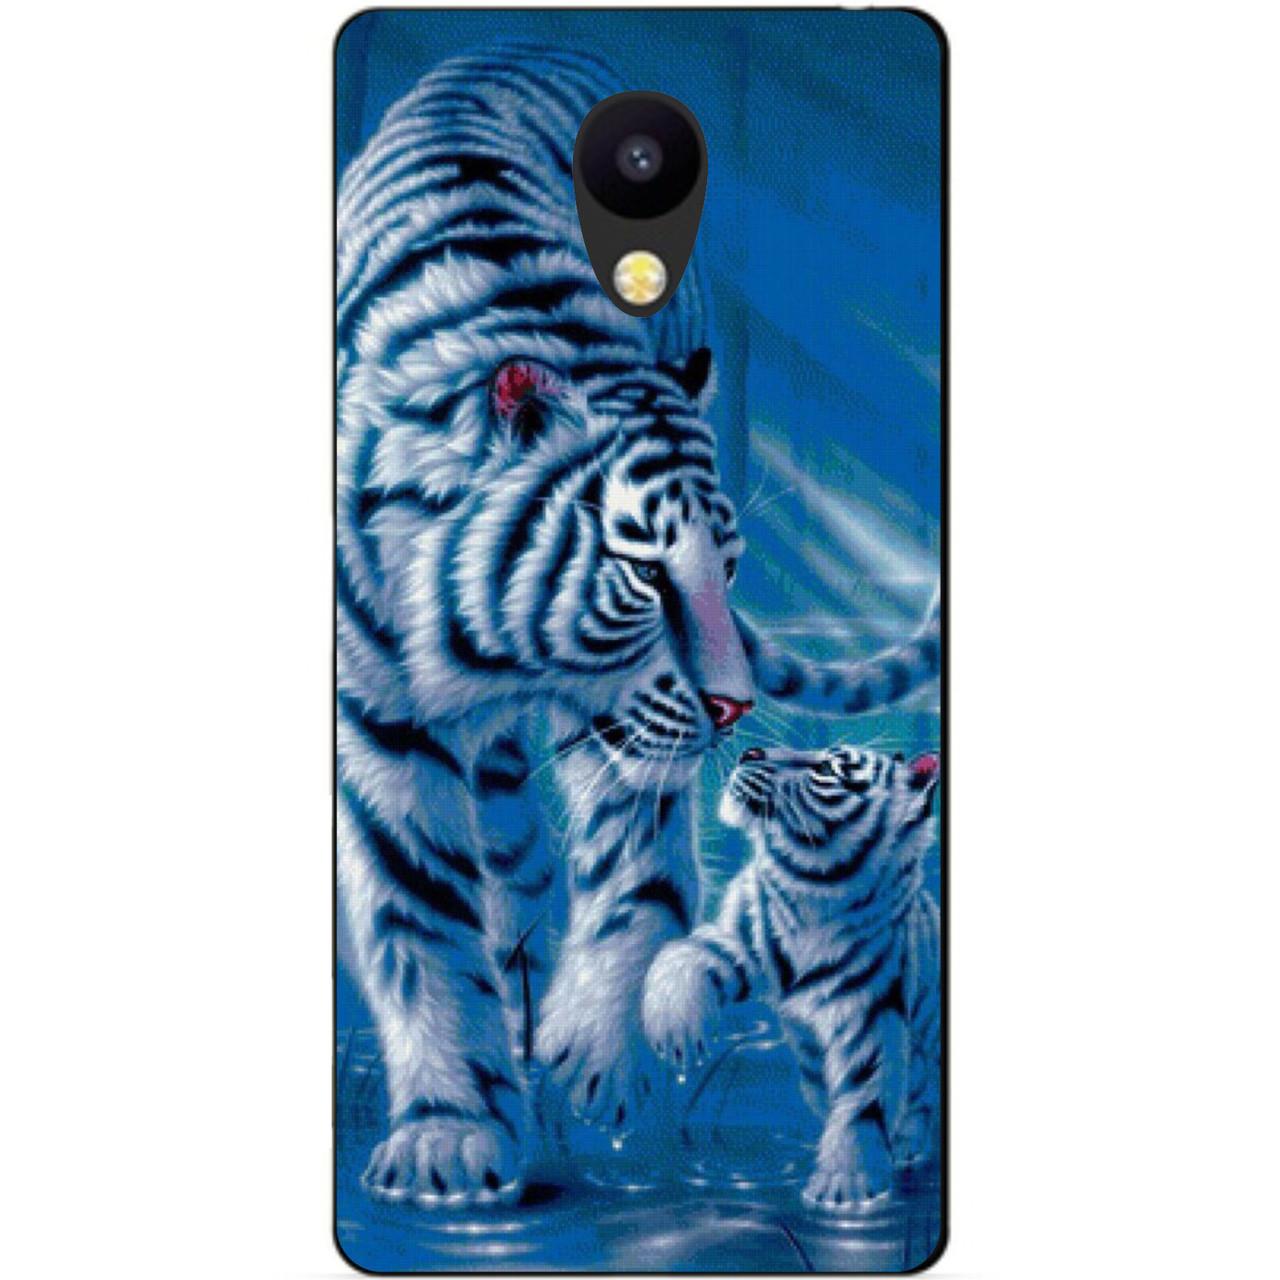 Силиконовый бампер чехол для Meizu M5c с рисунком Тигры